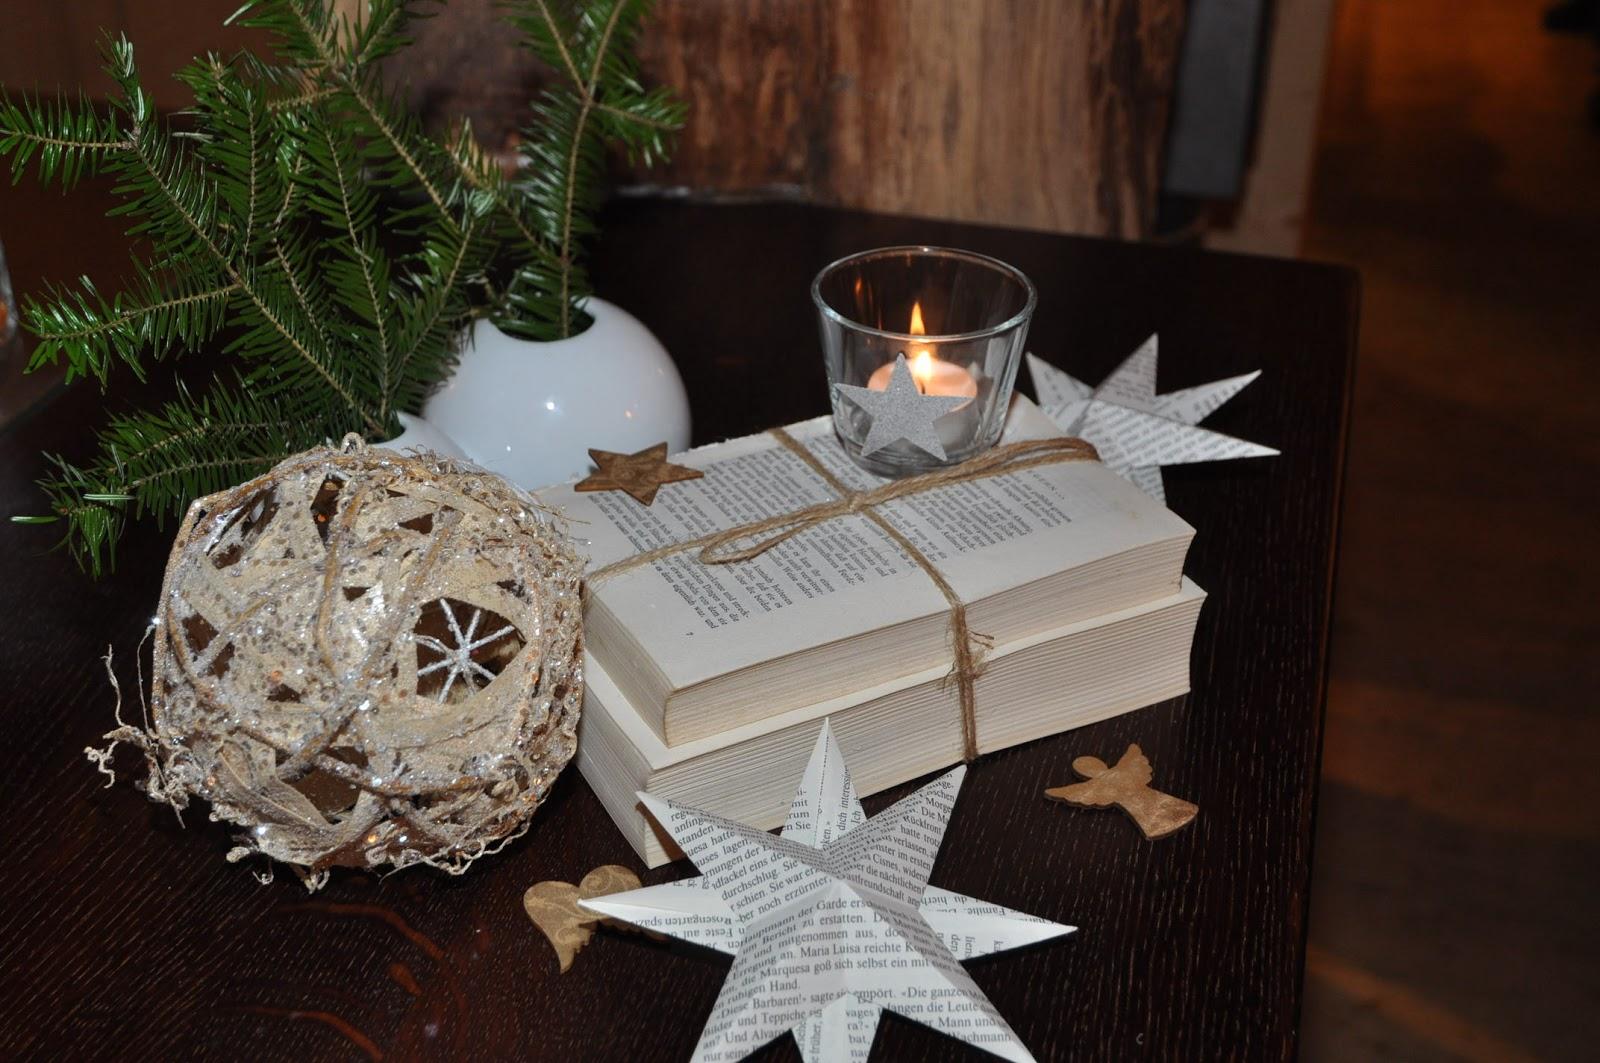 papierkiste tischdekoration weihnachtsfeier. Black Bedroom Furniture Sets. Home Design Ideas